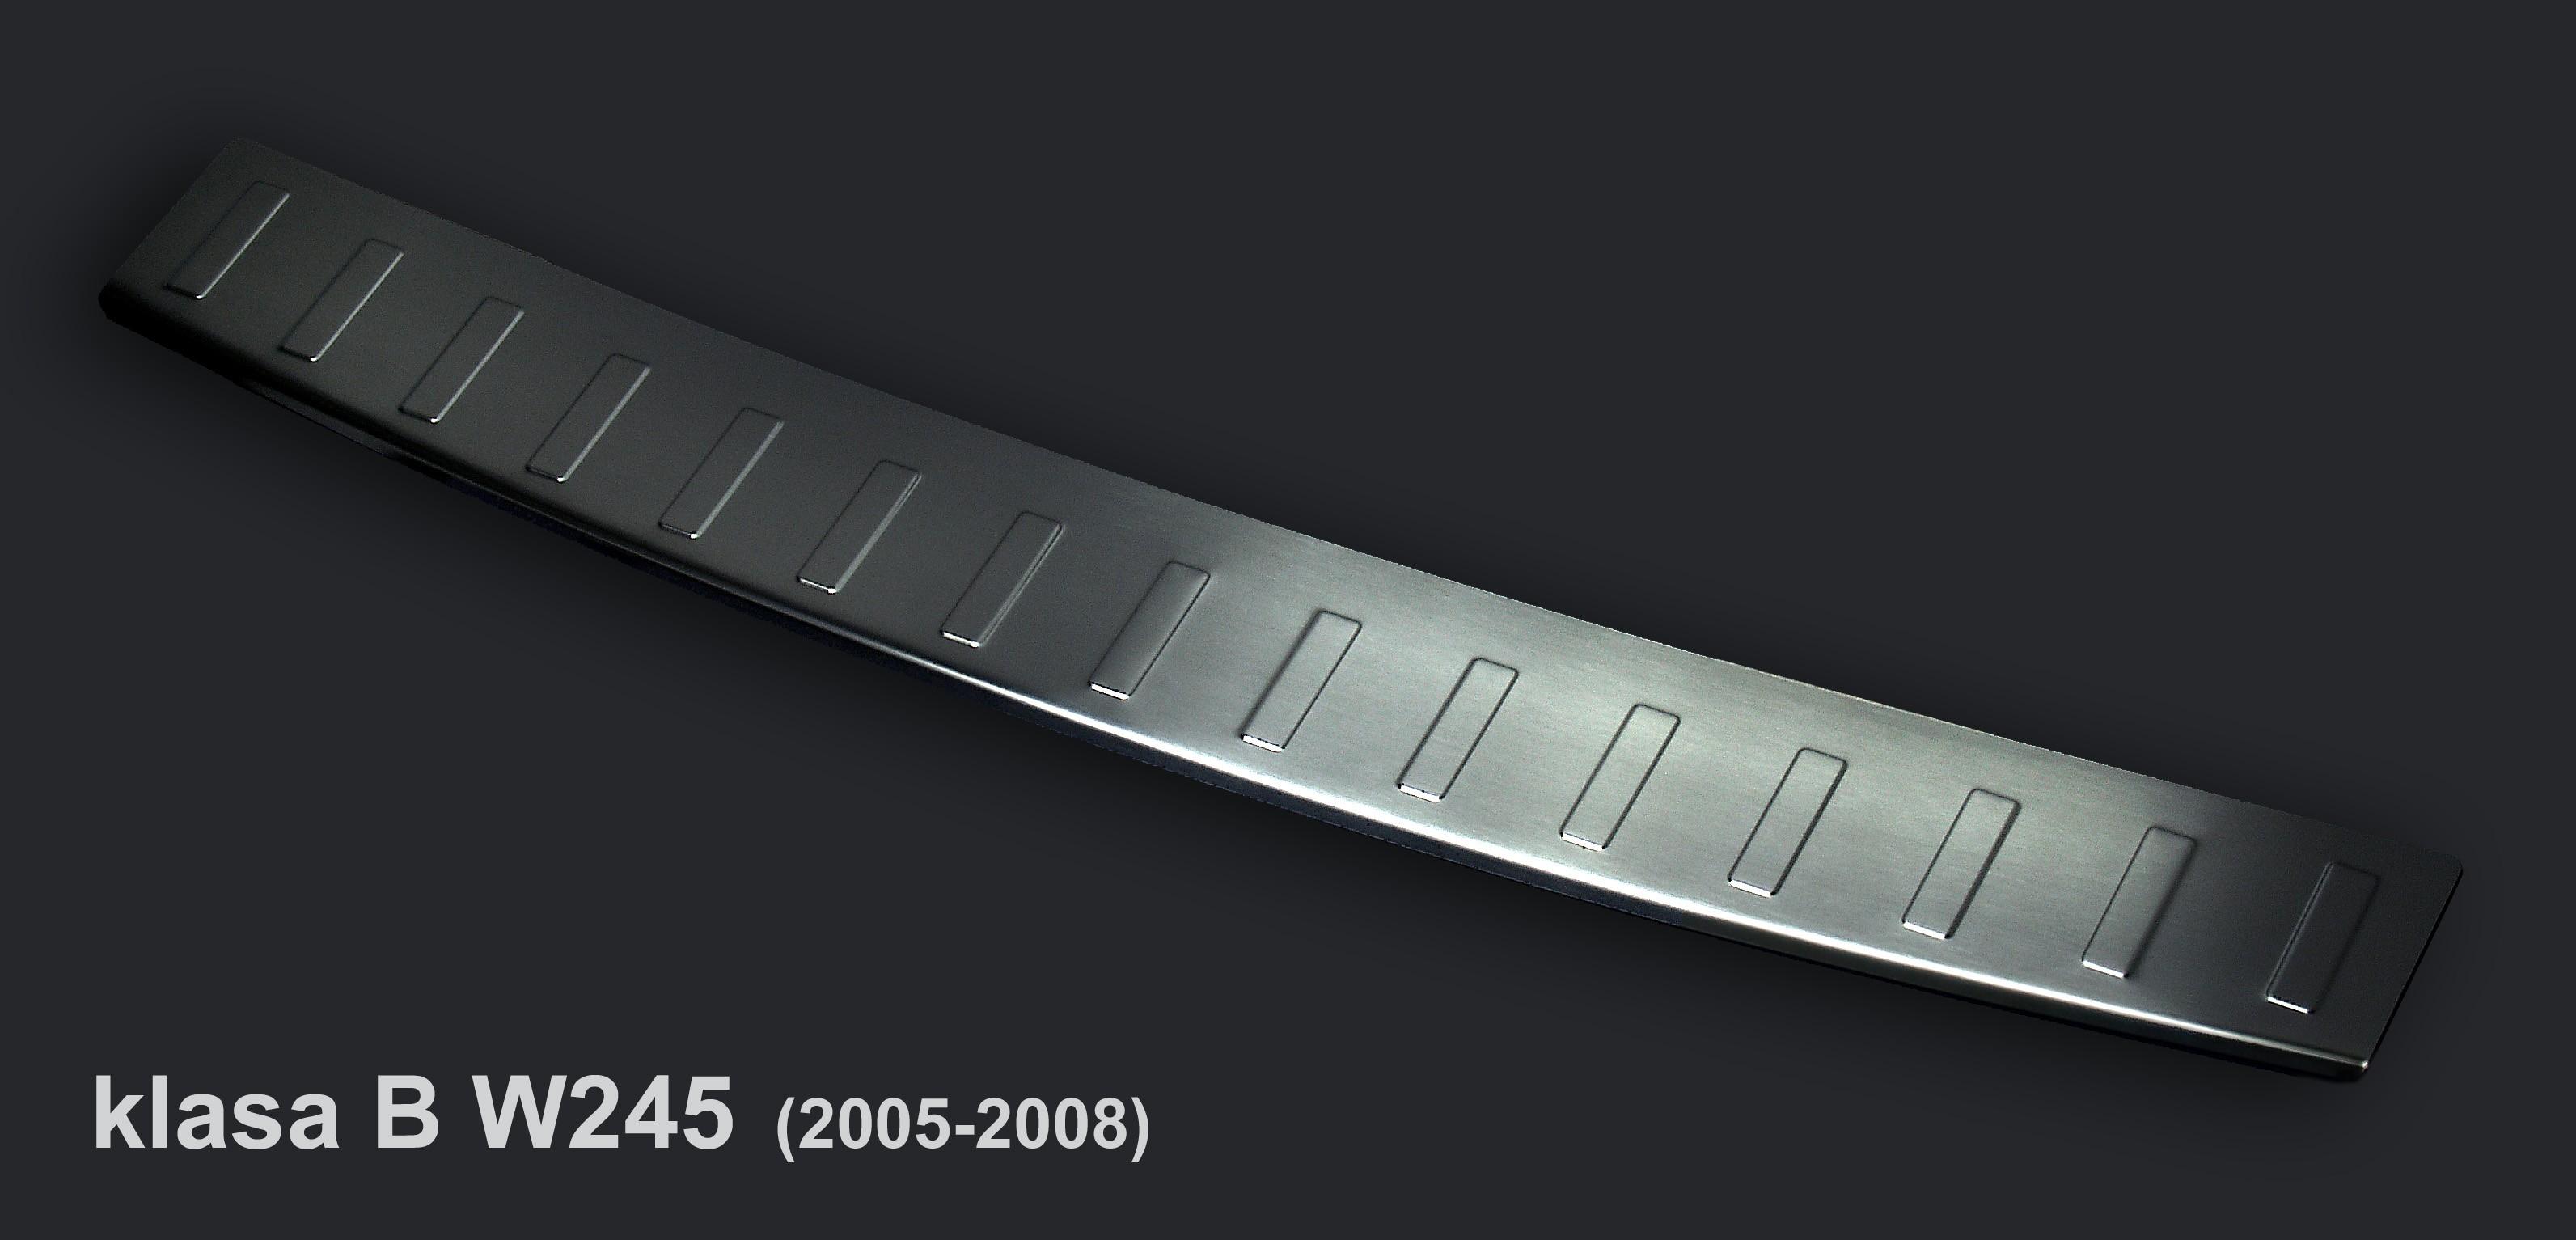 MercedesB Class W245 profiledribs 2005-2008